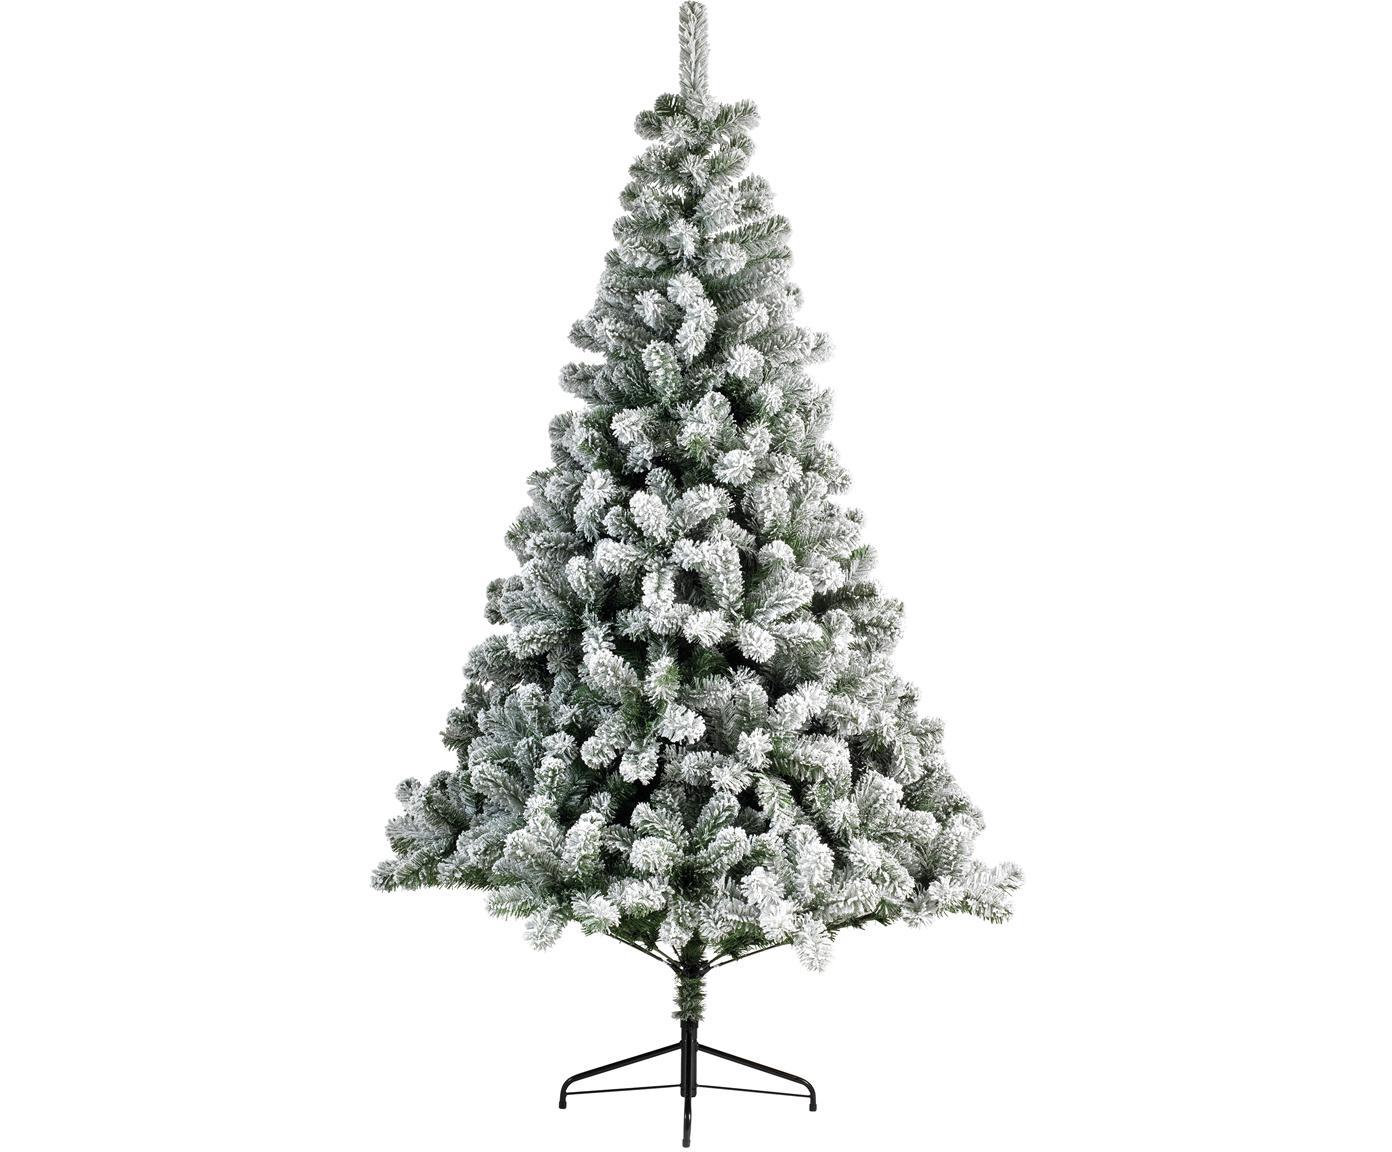 Künstlicher Weihnachtsbaum North Pole, Fuß: Metall, beschichtet, Grün, Weiß, Ø 137 x H 210 cm